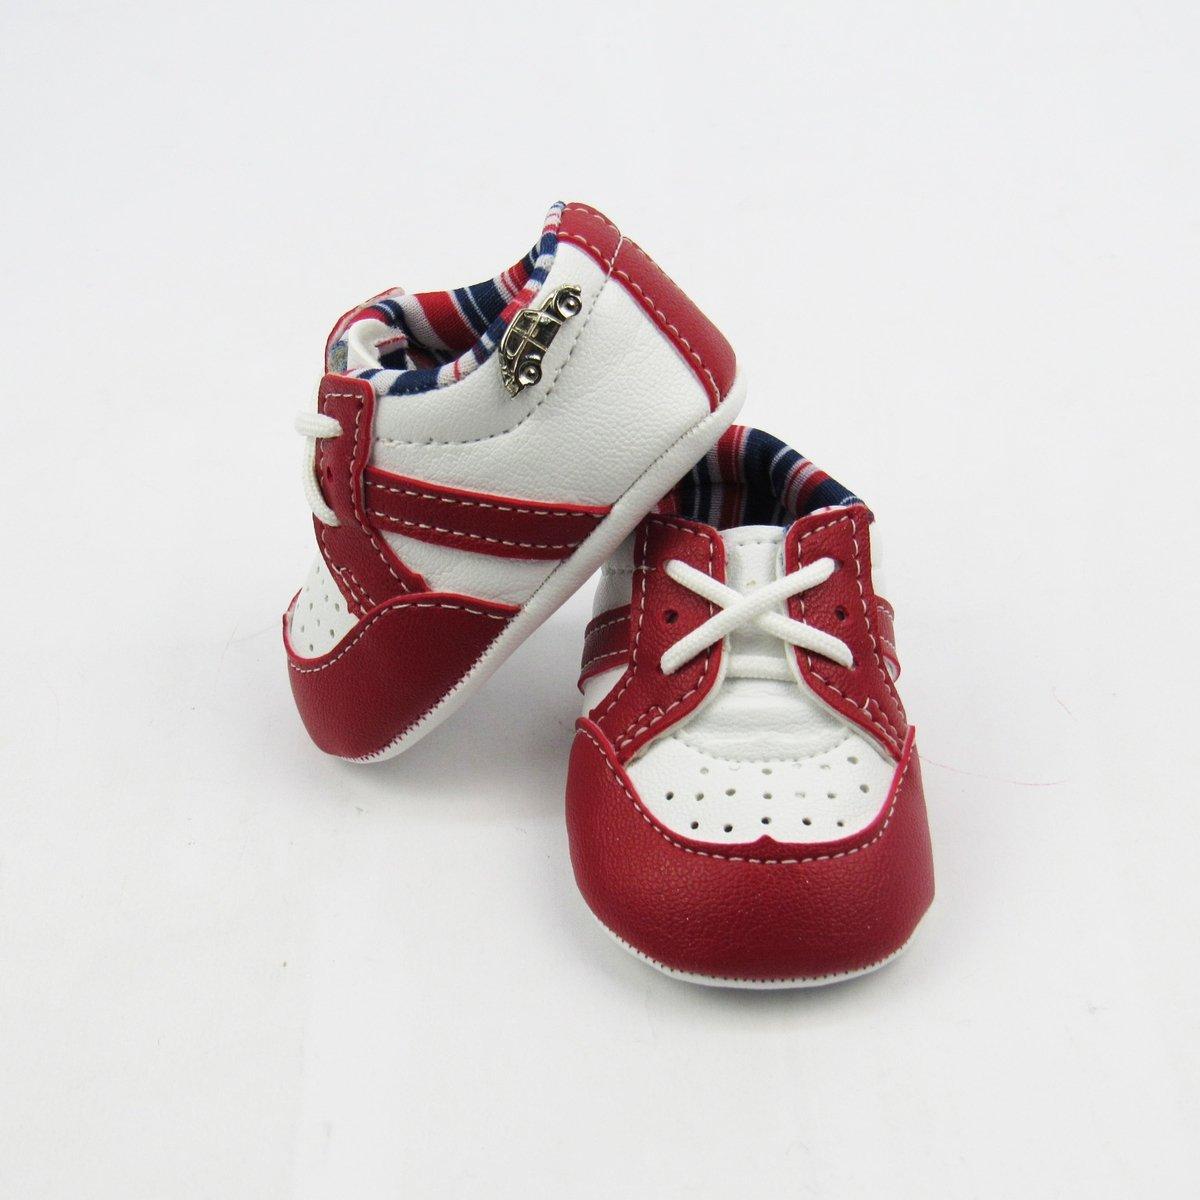 86ee86bfd9 Sapatênis Bebê Masculino Branco e Vermelho com Cadarço -M - Compre Agora